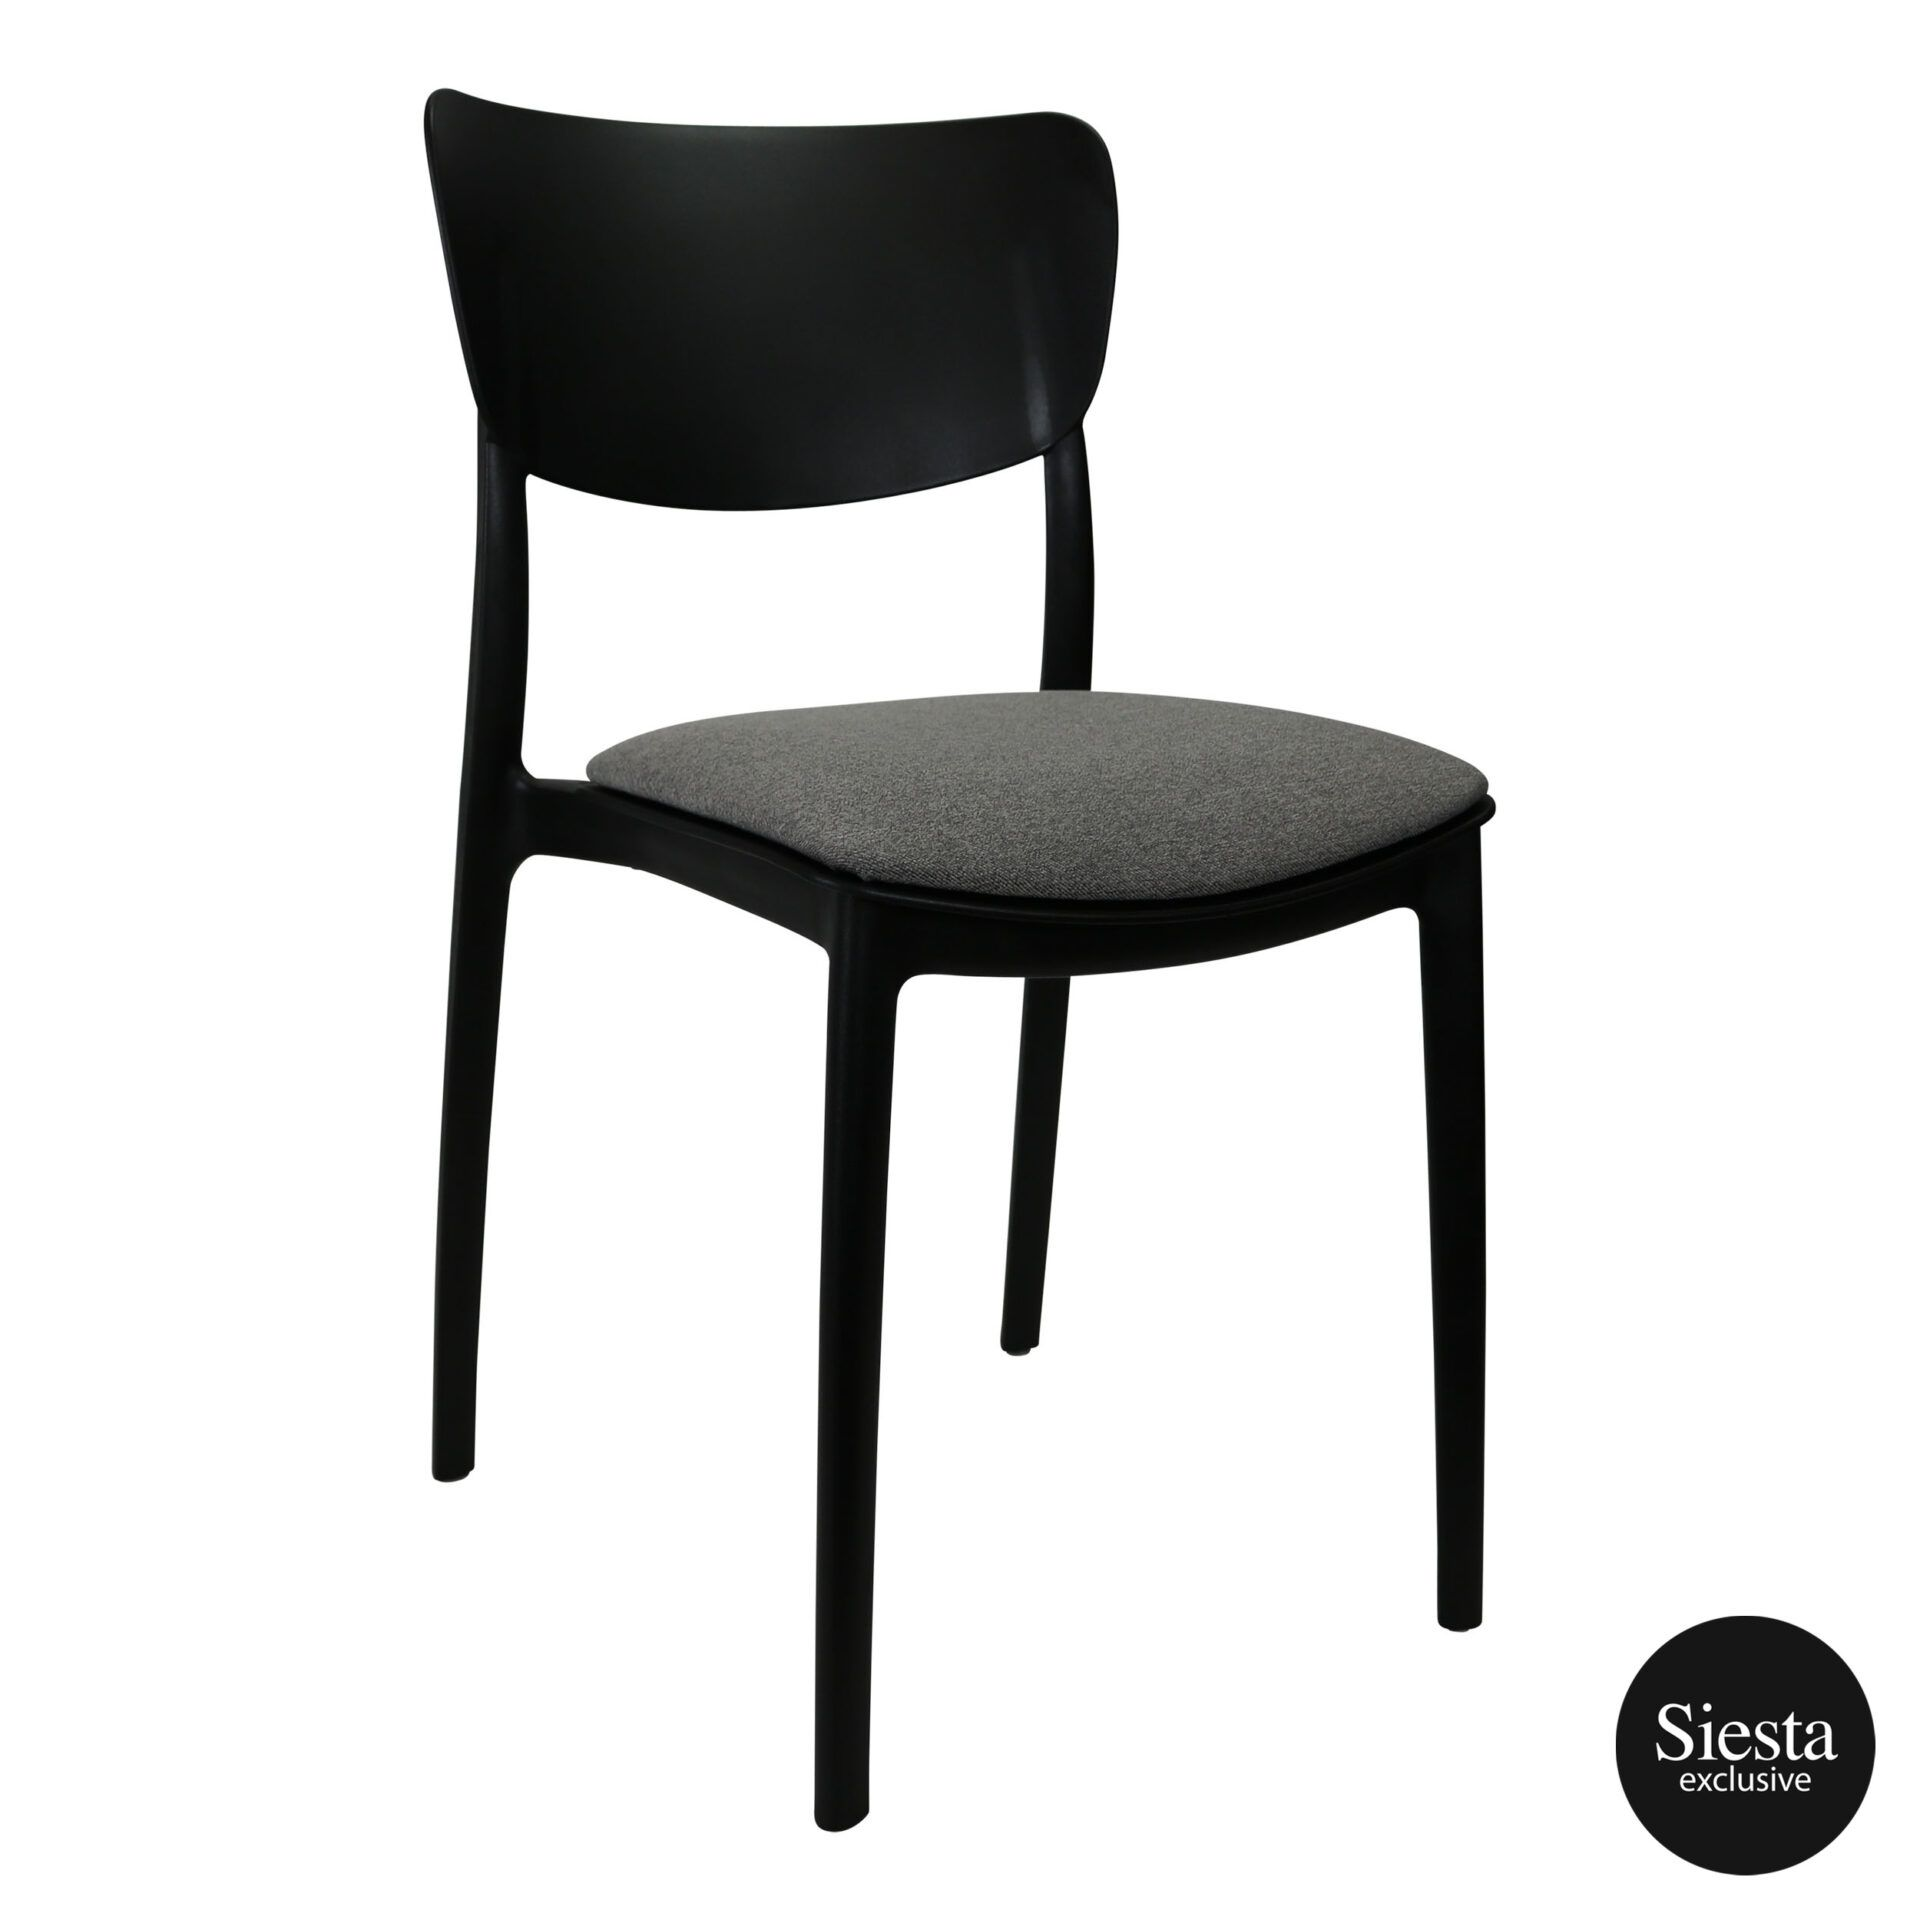 monna chair black c5a